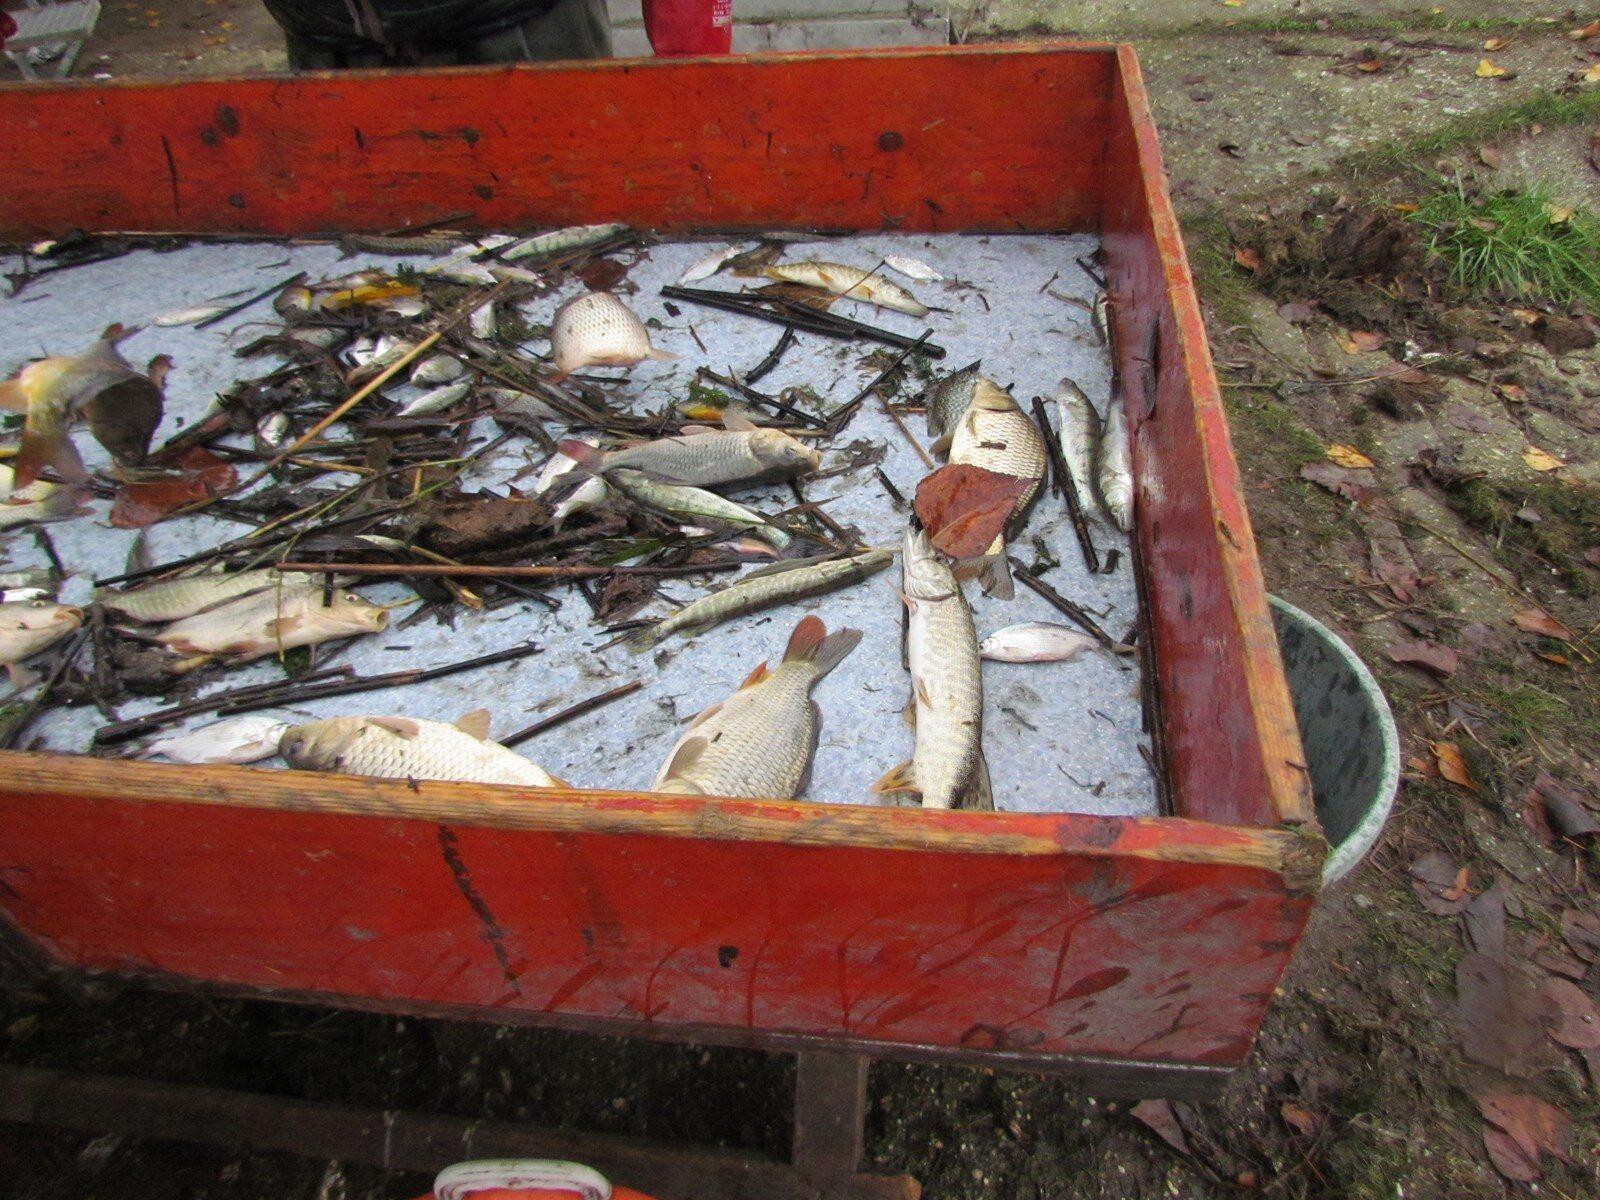 Utolsó halak a válogatóasztalon